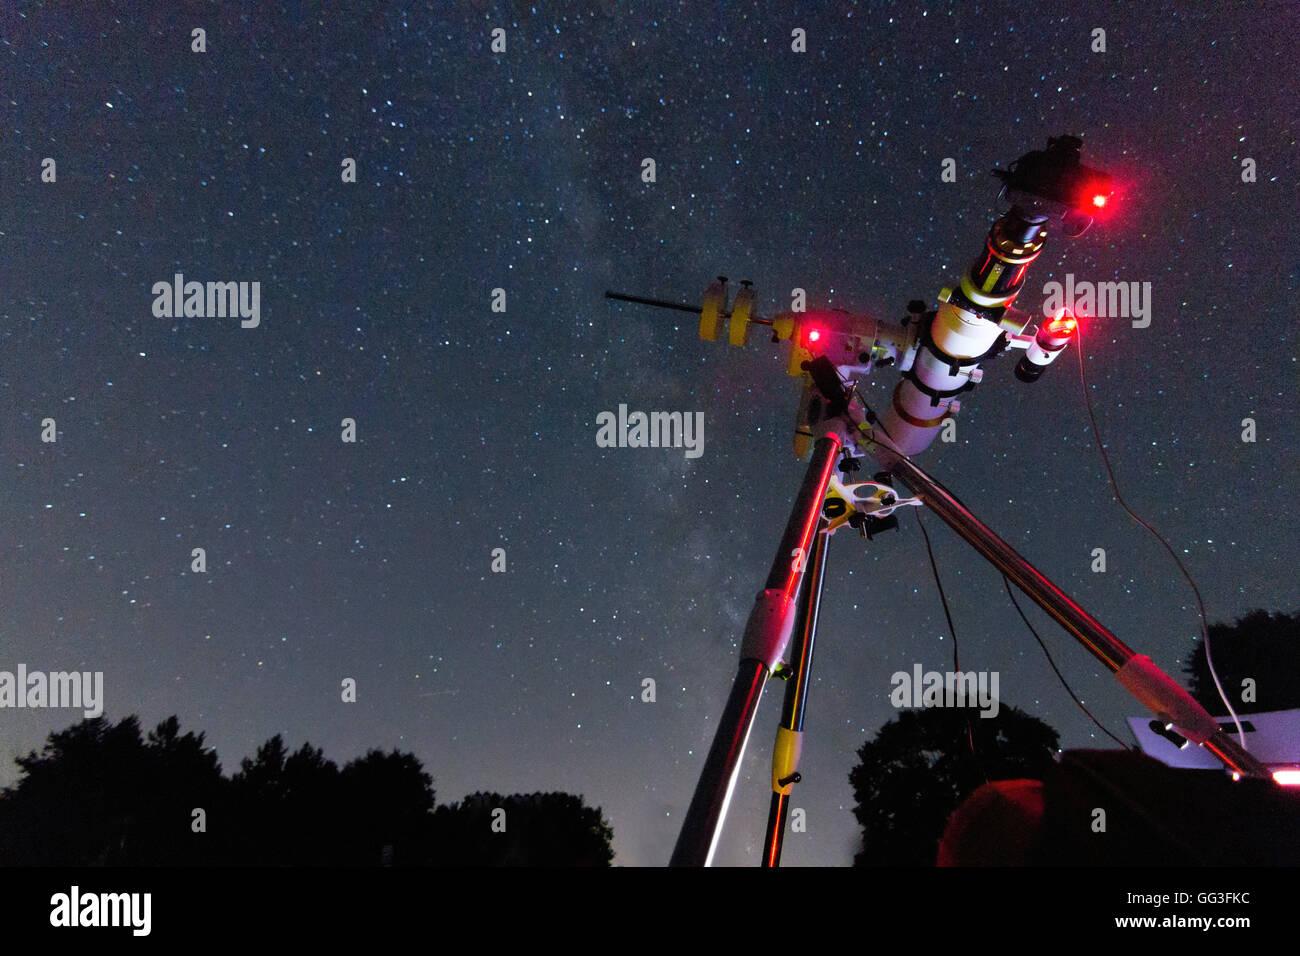 Astrofotografie setup in klaren nächten refraktor typ in realen